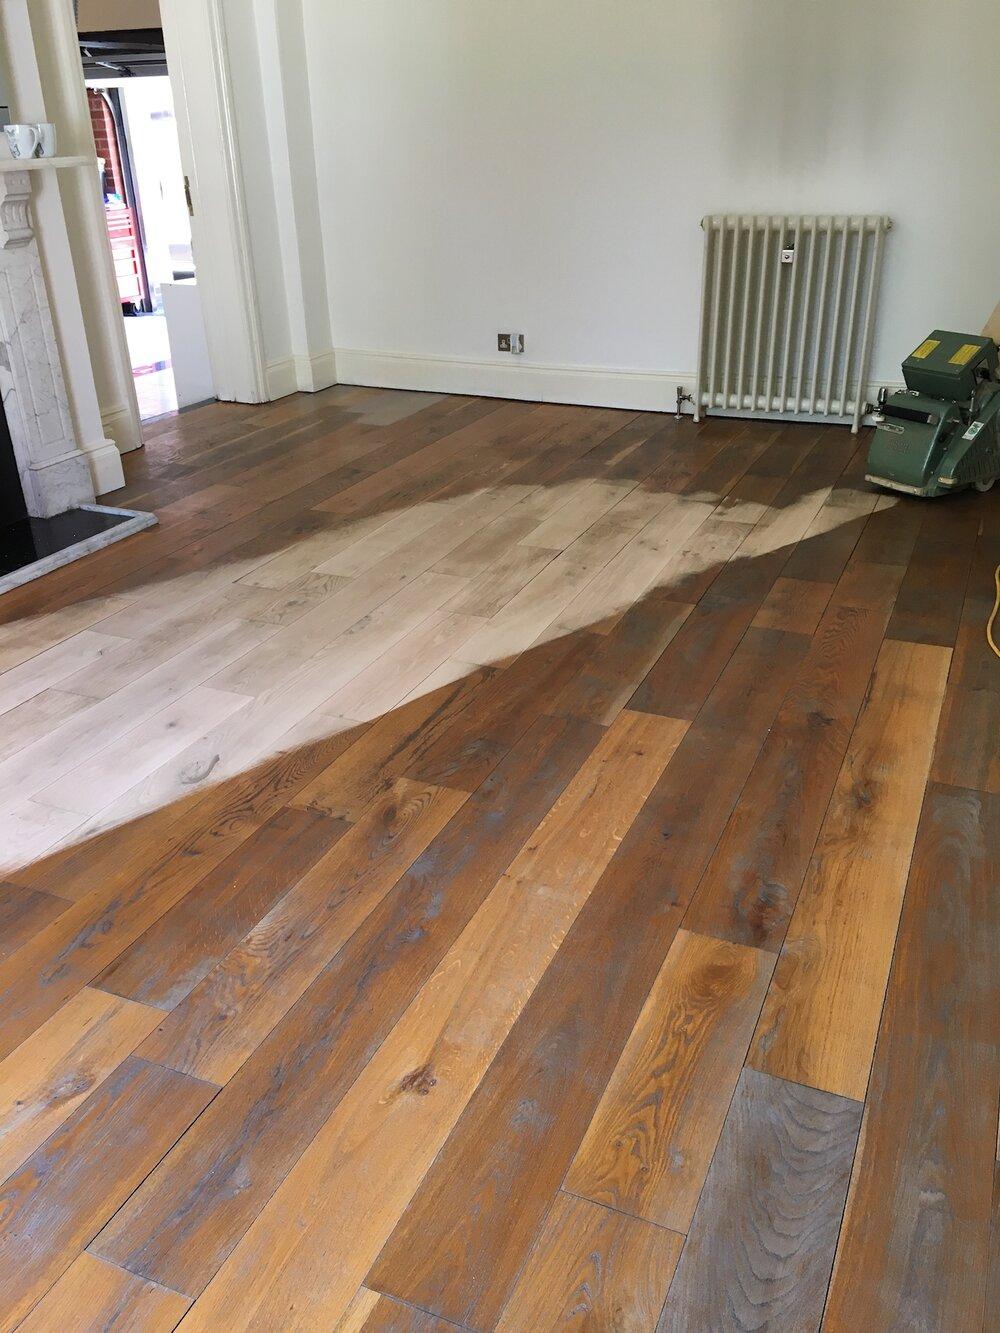 Refinishing Hardwood Flooring